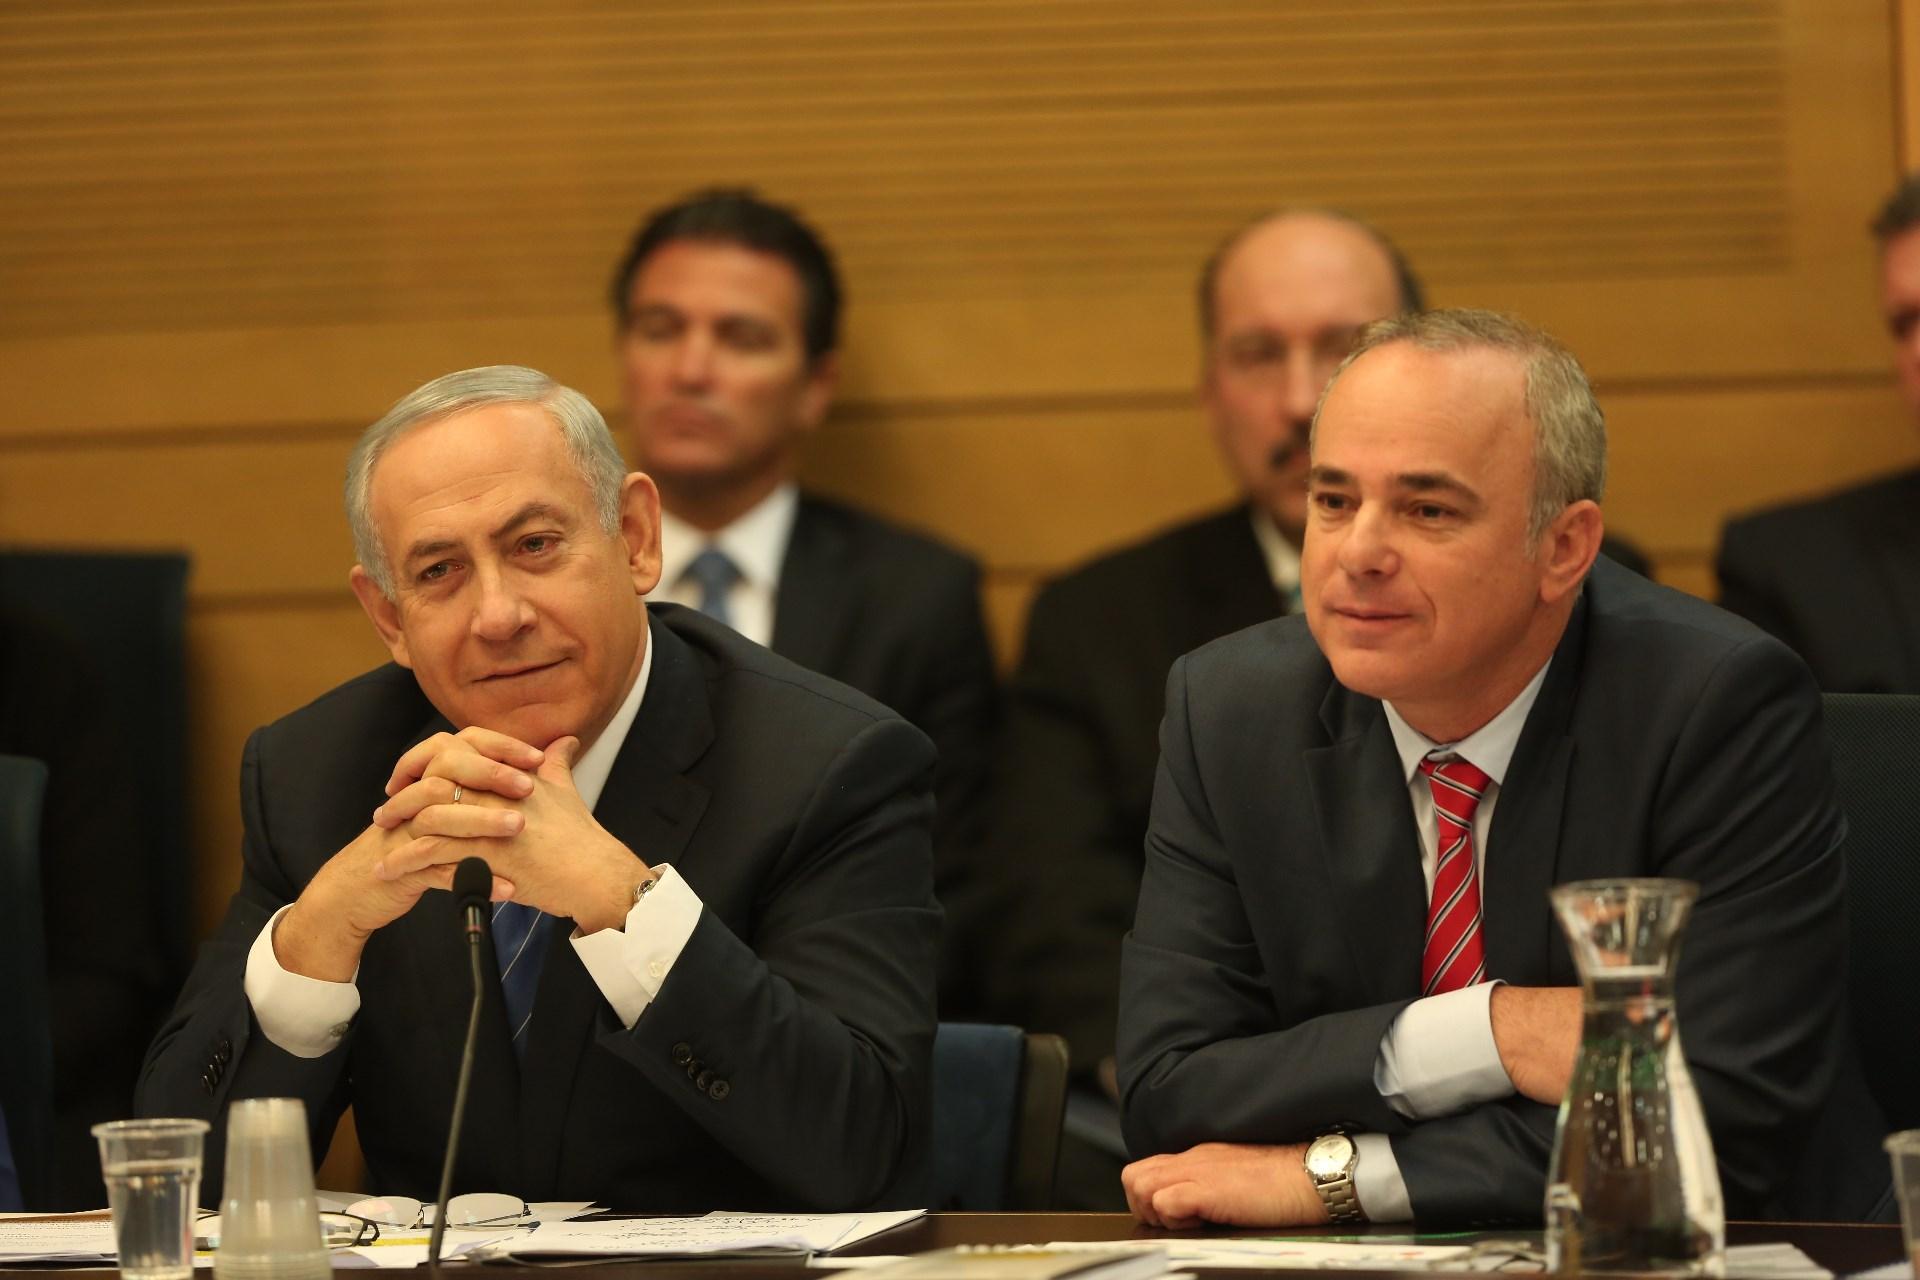 """ראש הממשלה ושר הכלכלה נתניהו. """"נאומים במקום תשובות"""" (צילום: דוברות הכנסת)"""